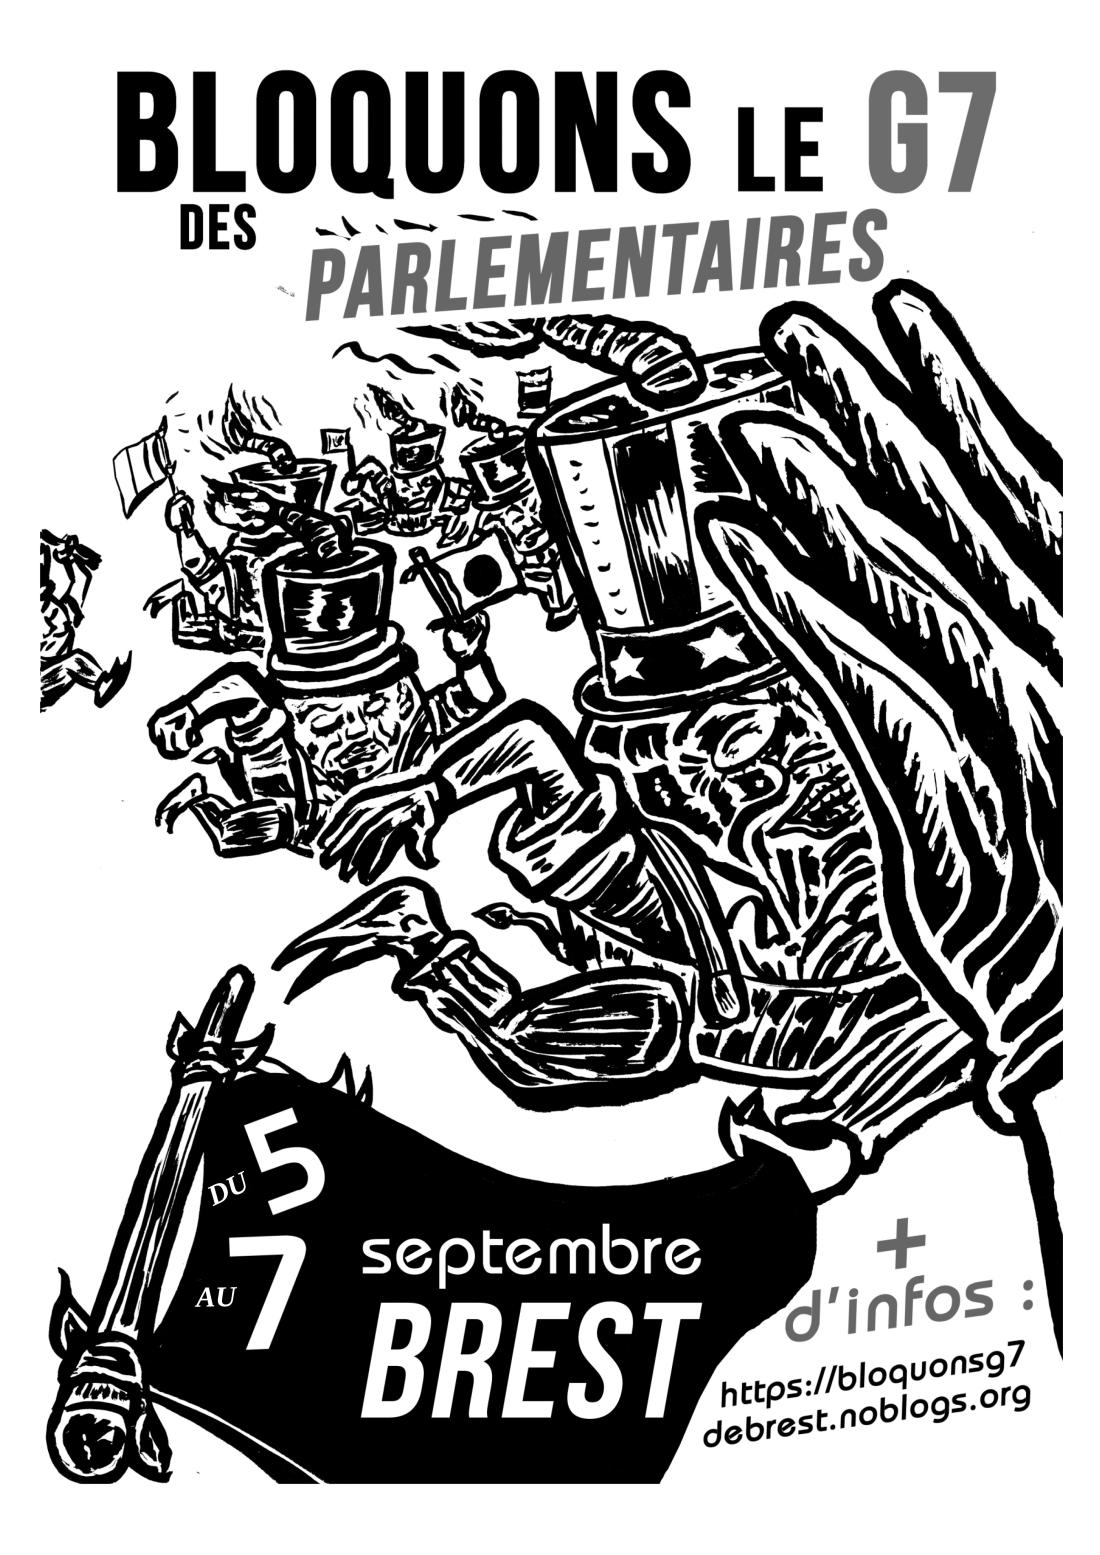 AFFICHE Bloquons le G7 du 5 au 7-09 à Brest